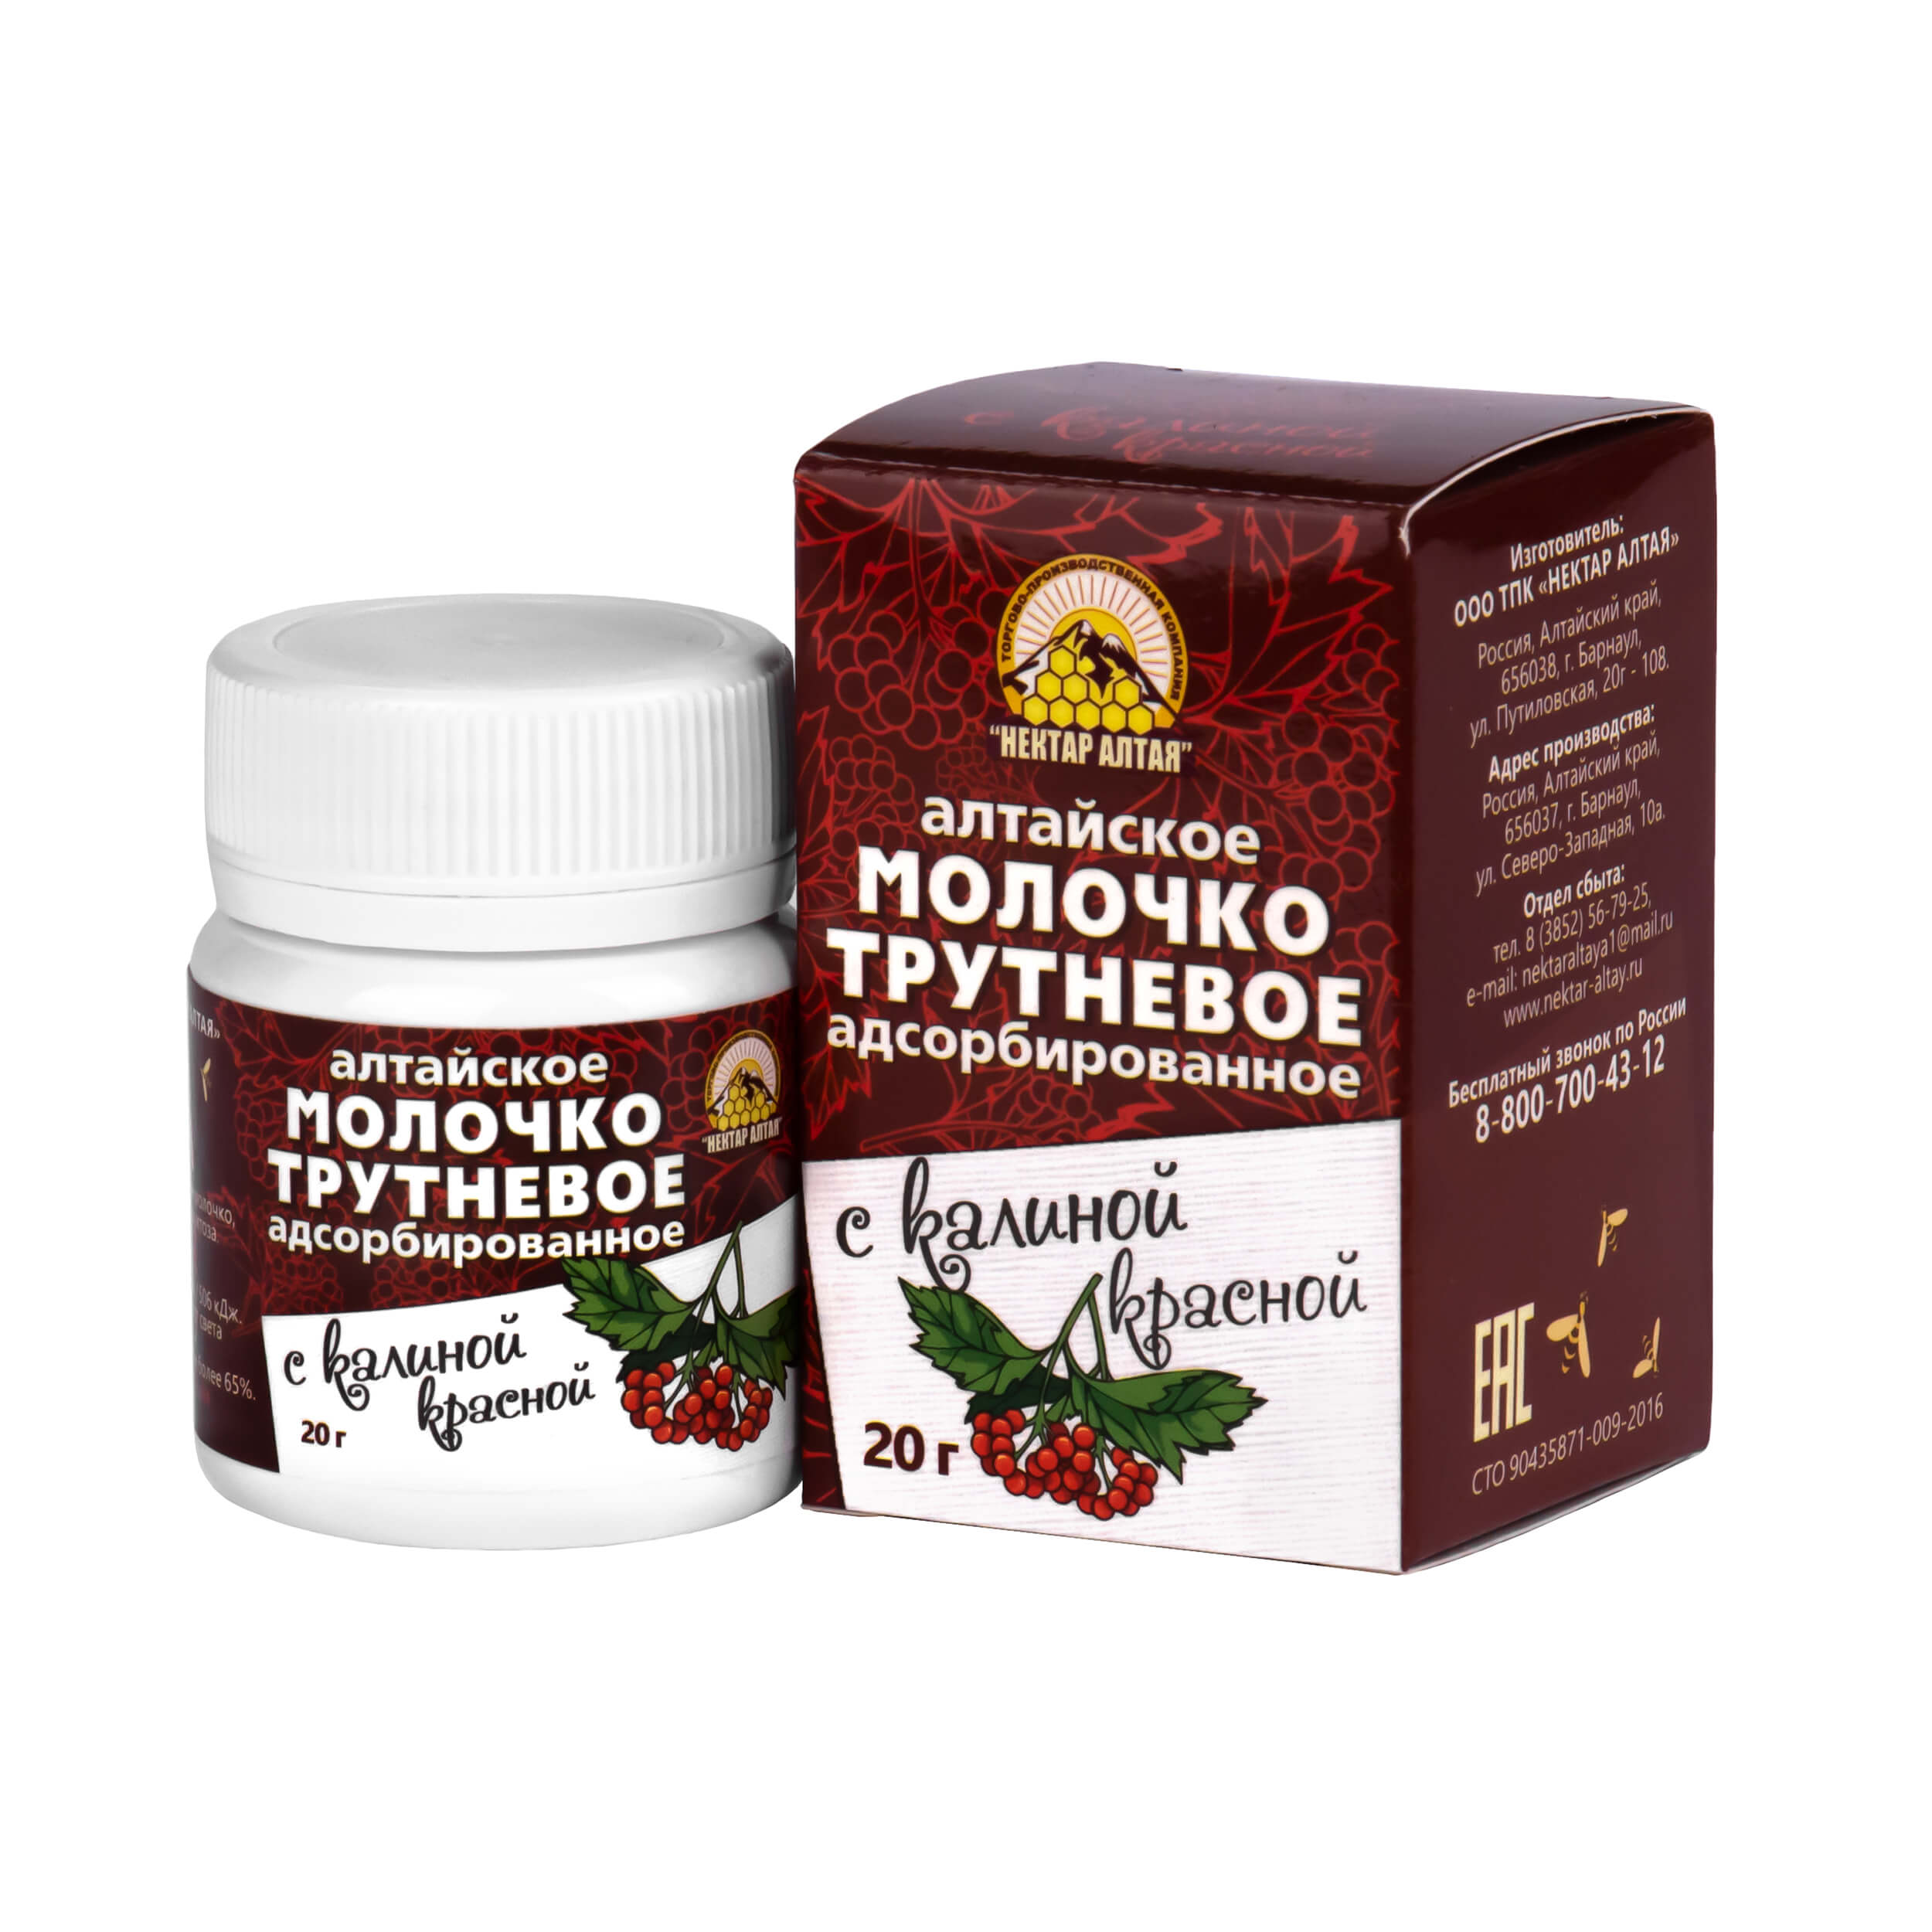 Трутневое молочко Алтайское адсорбированное с калиной красной (20 грамм) фото